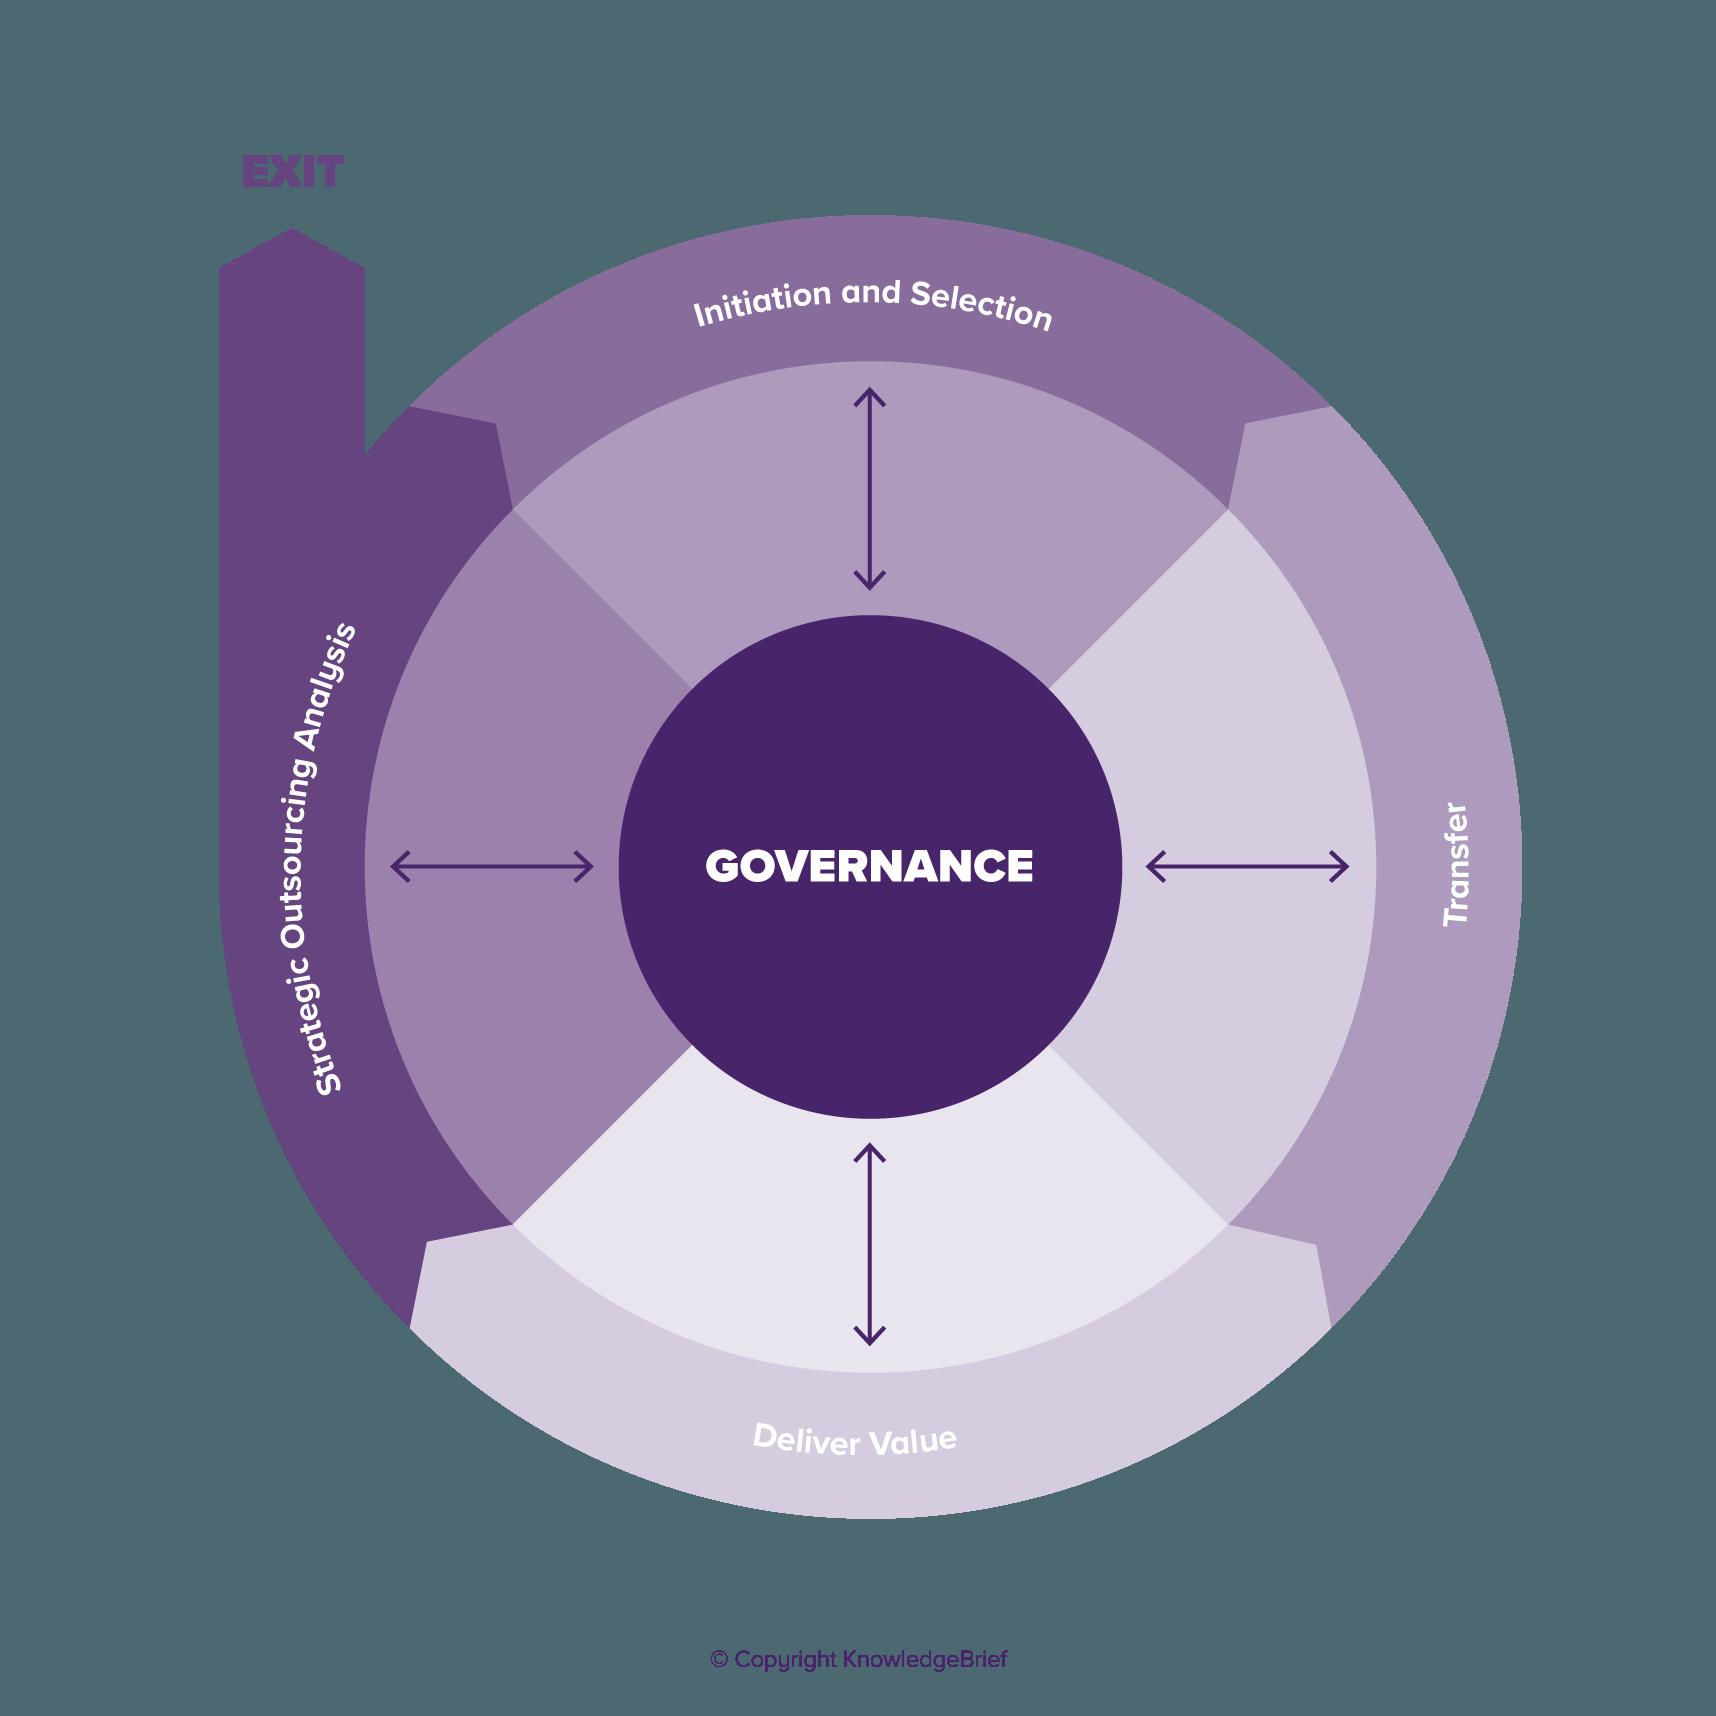 Sourcing Governance Value